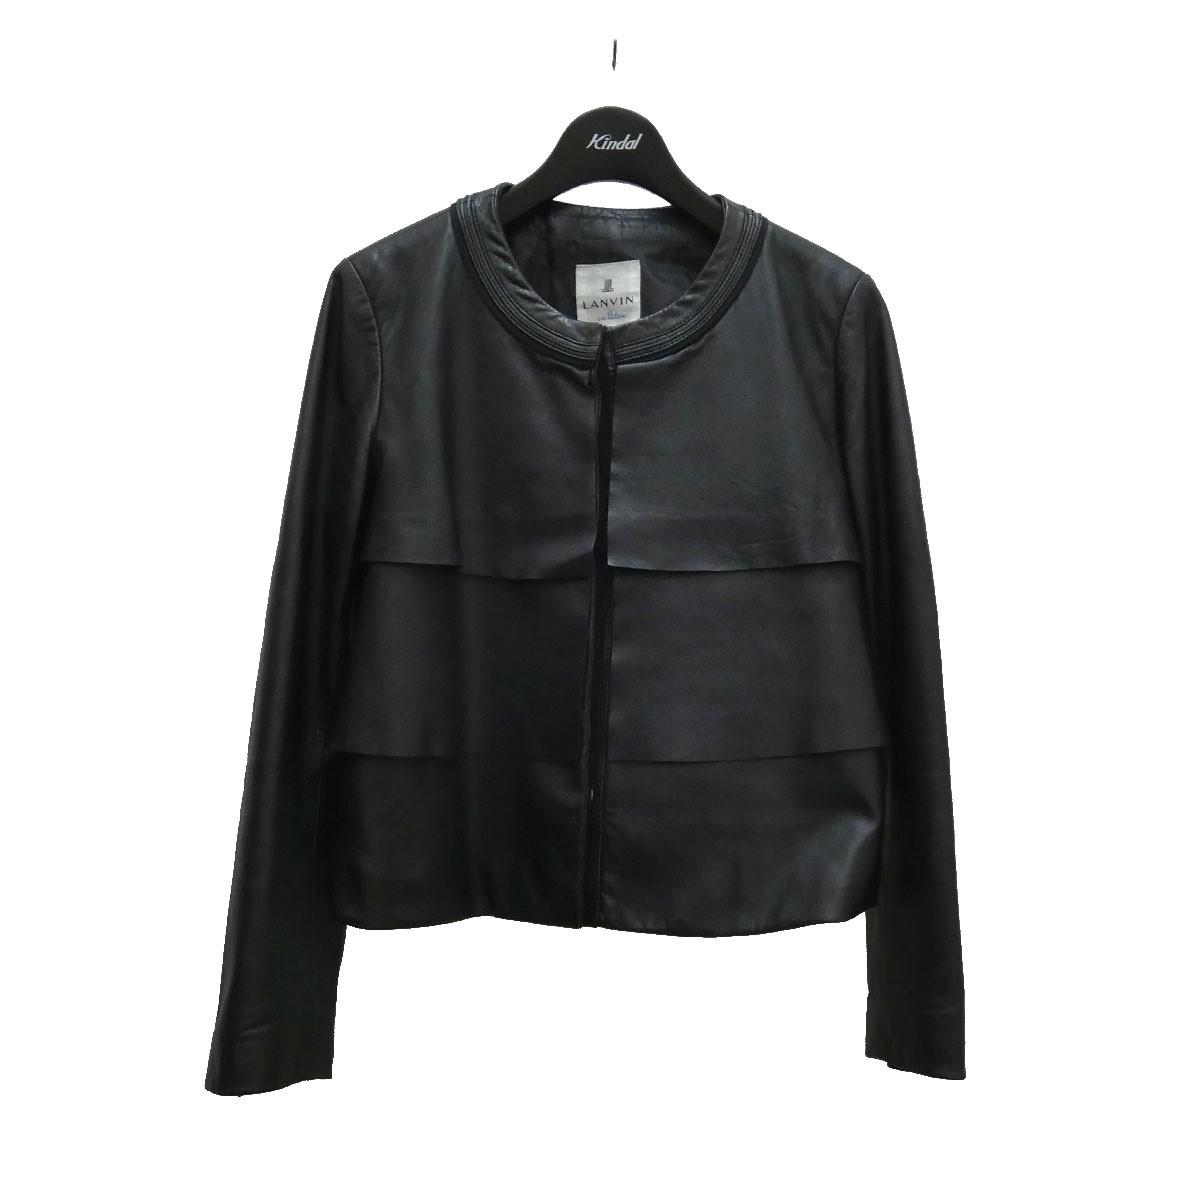 ランバンオンブルー 中古 LANVIN en Bleu 230521 レザージャケット ブラック 贈答品 安い サイズ:36